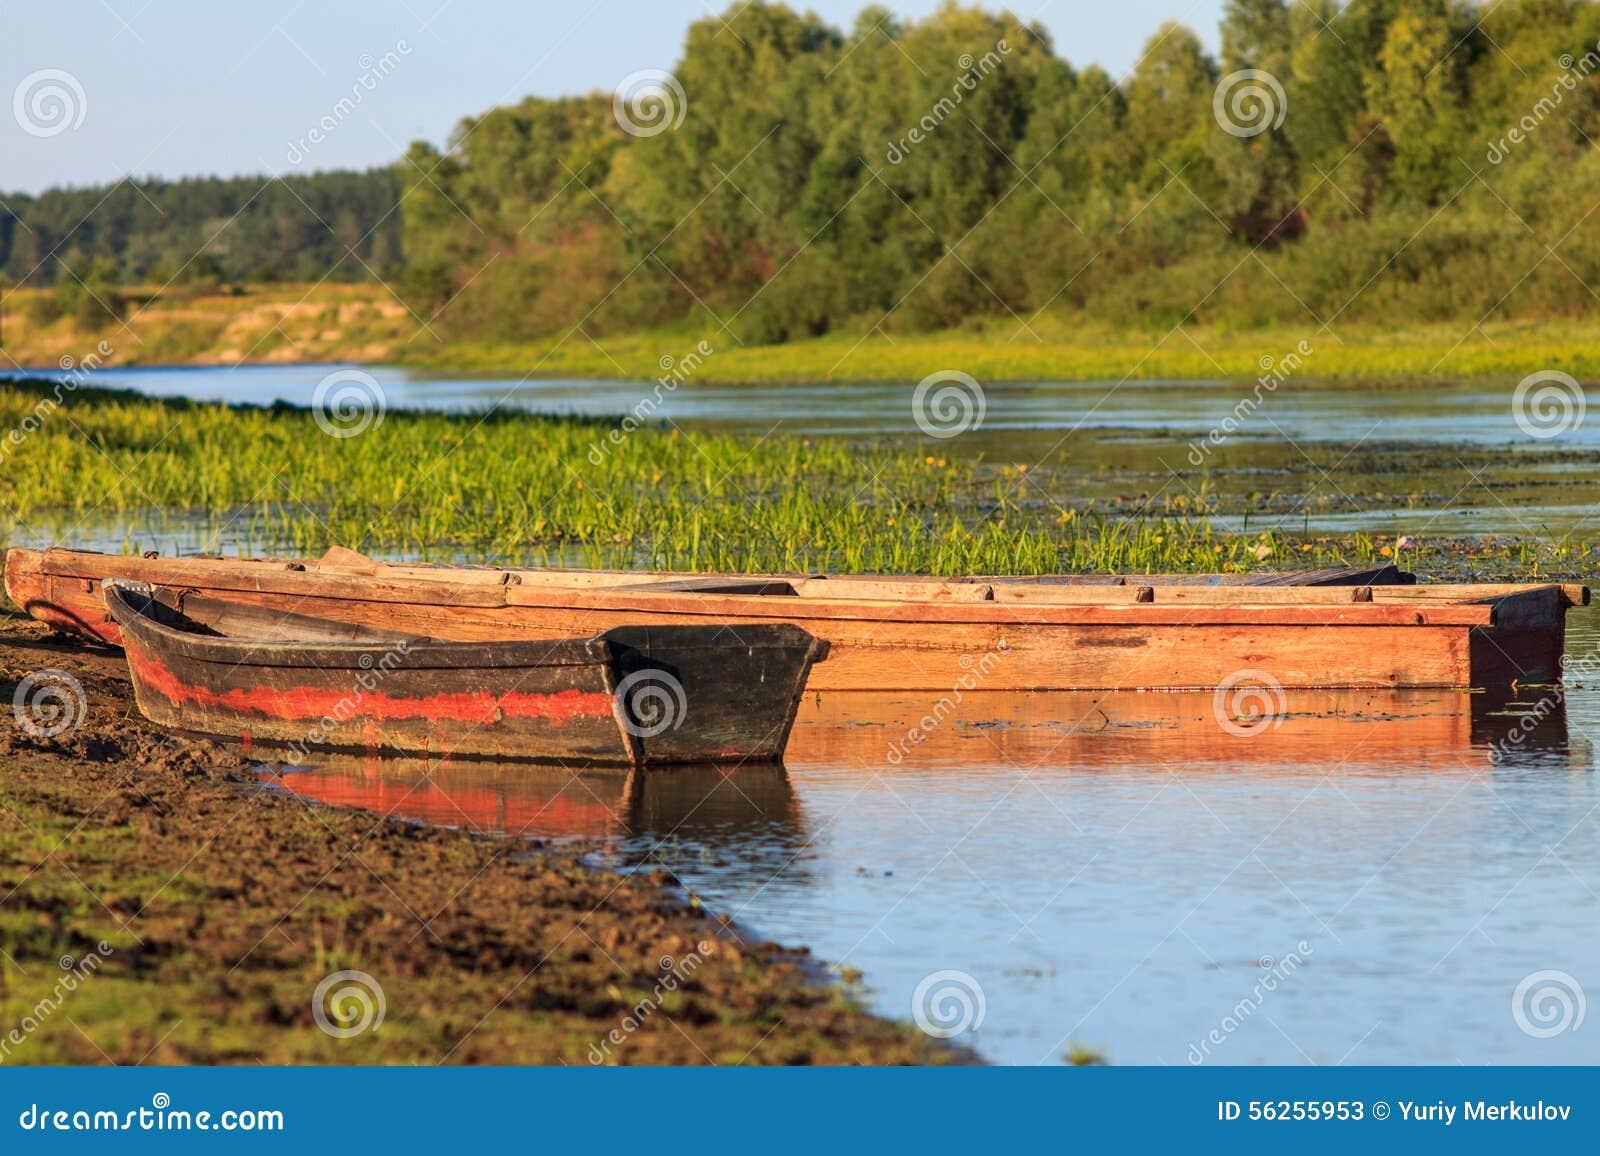 barcos de pesca de madeira amarrados no riverbank mr no pr no 0 11 0 #A66125 1300x956